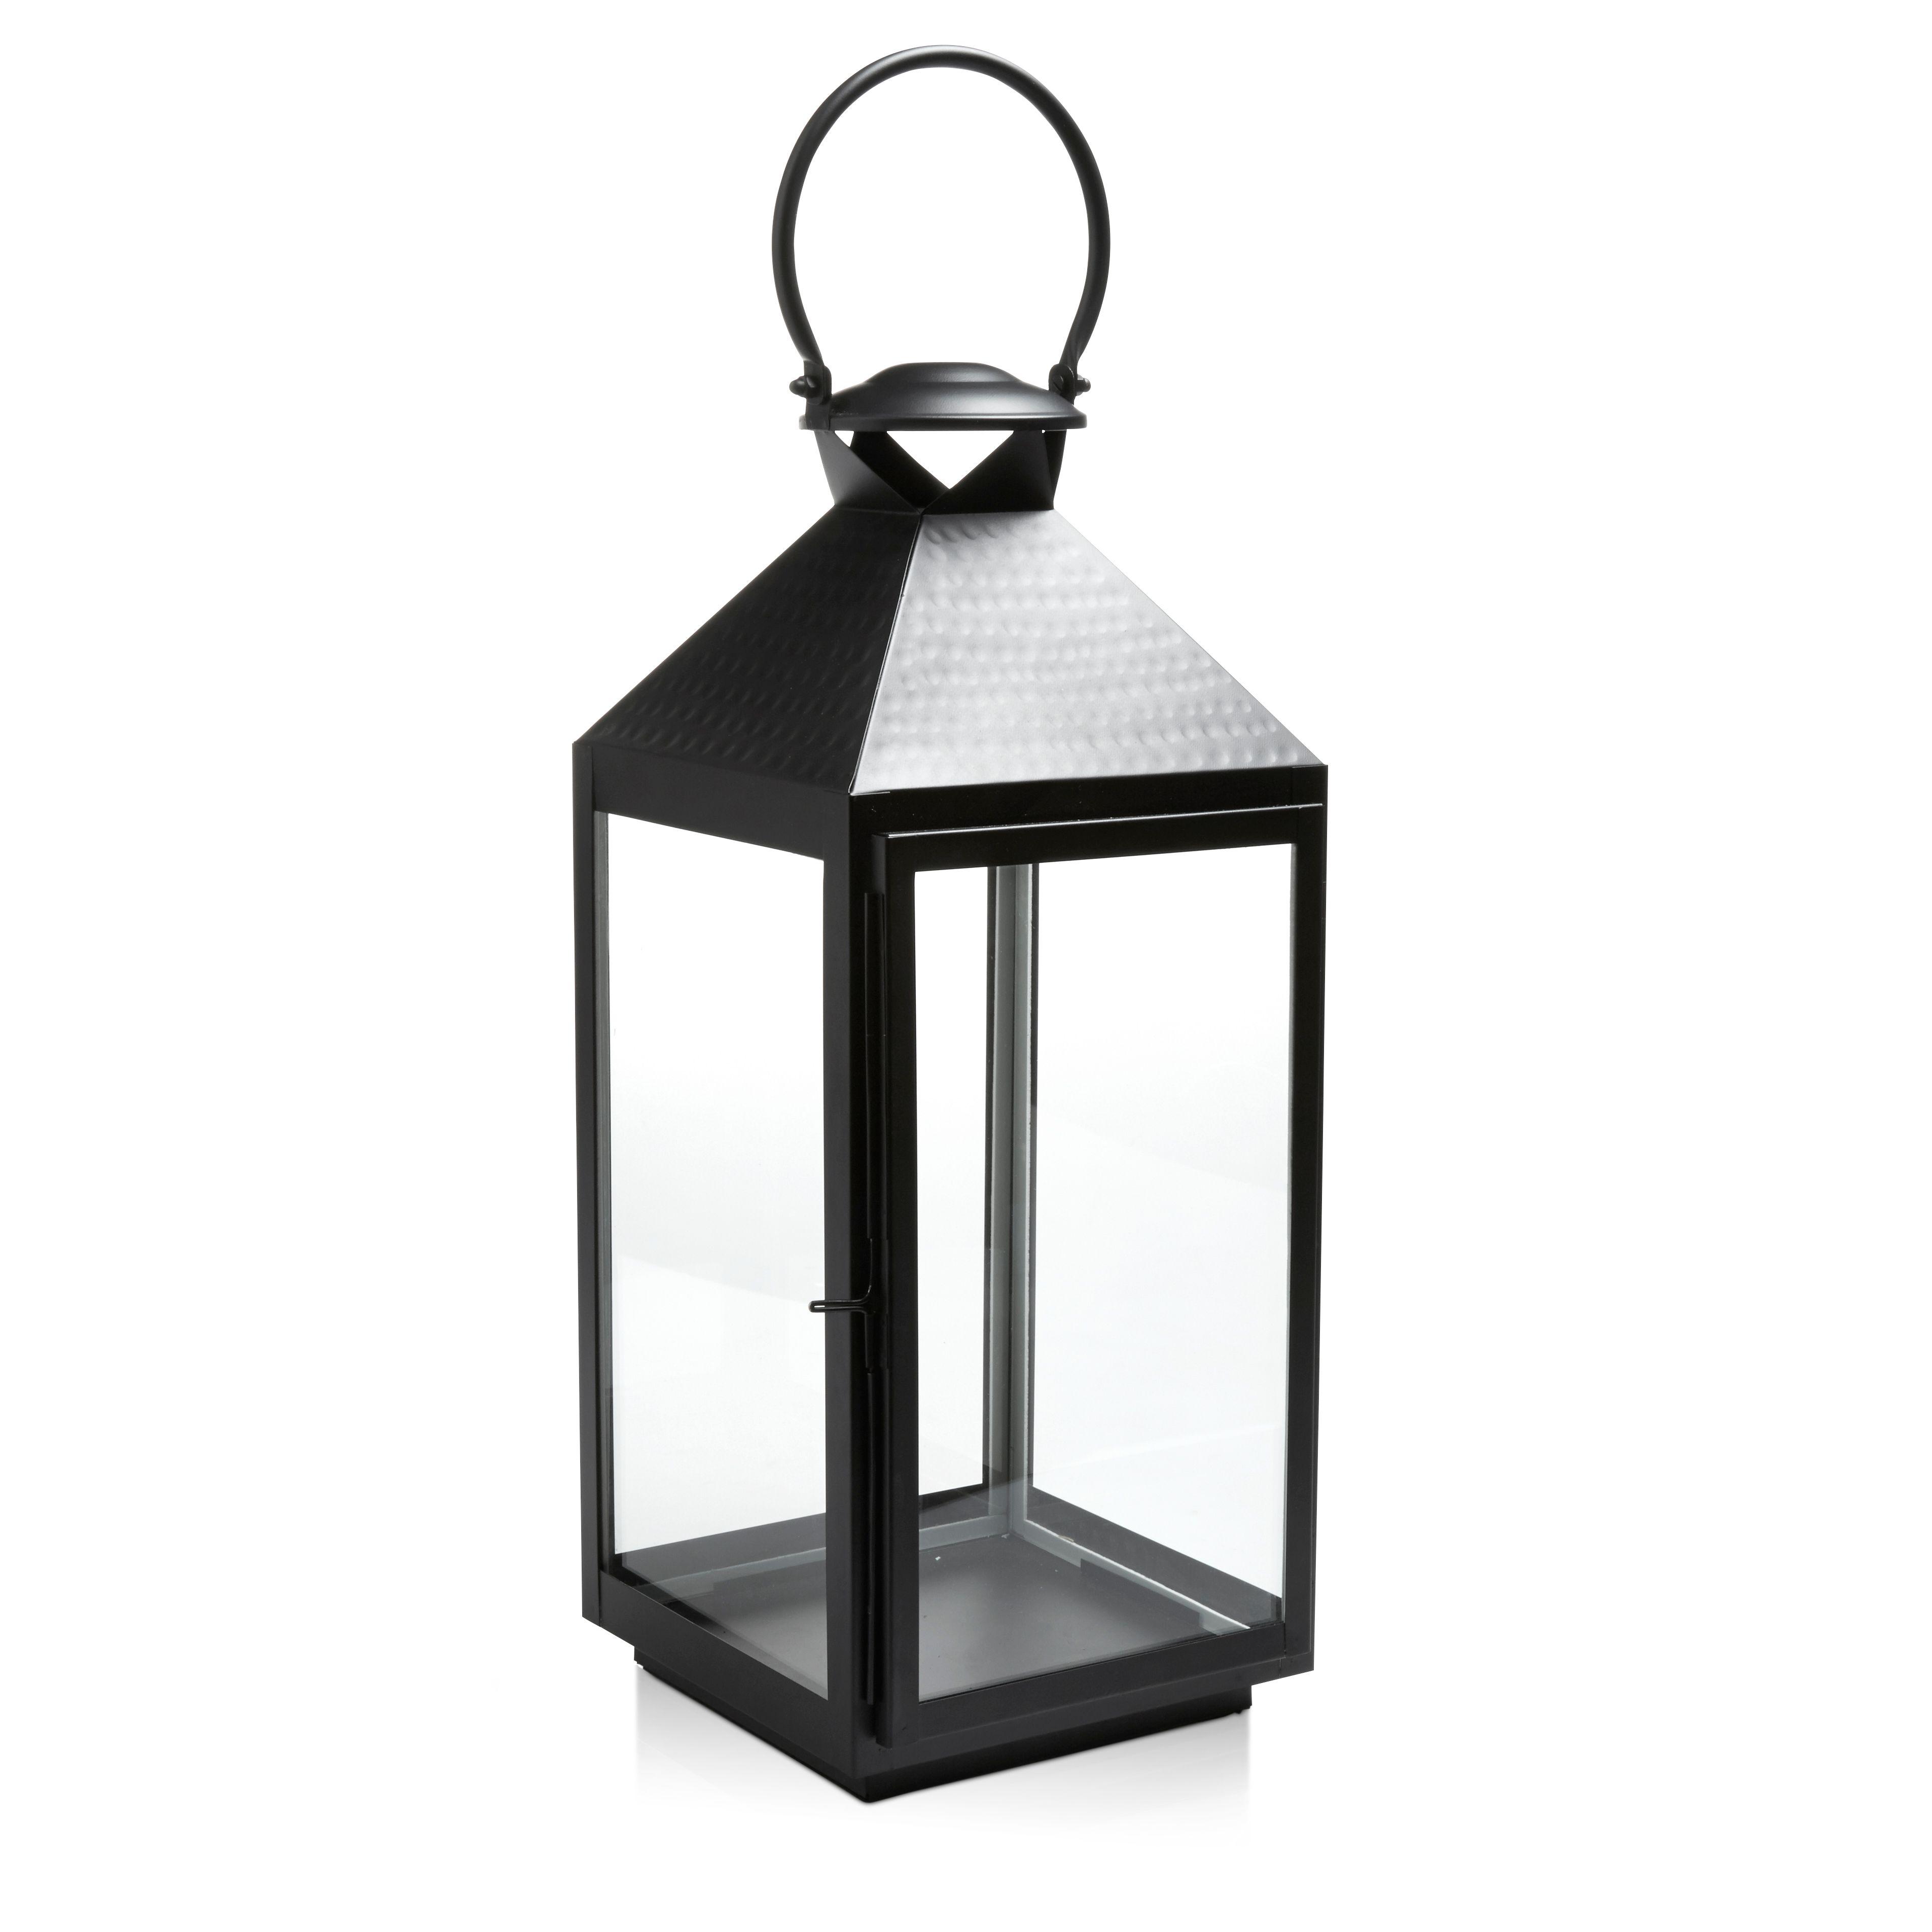 Black Iron & Glass Hurricane Lantern, Large | Departments | DIY at B&Q